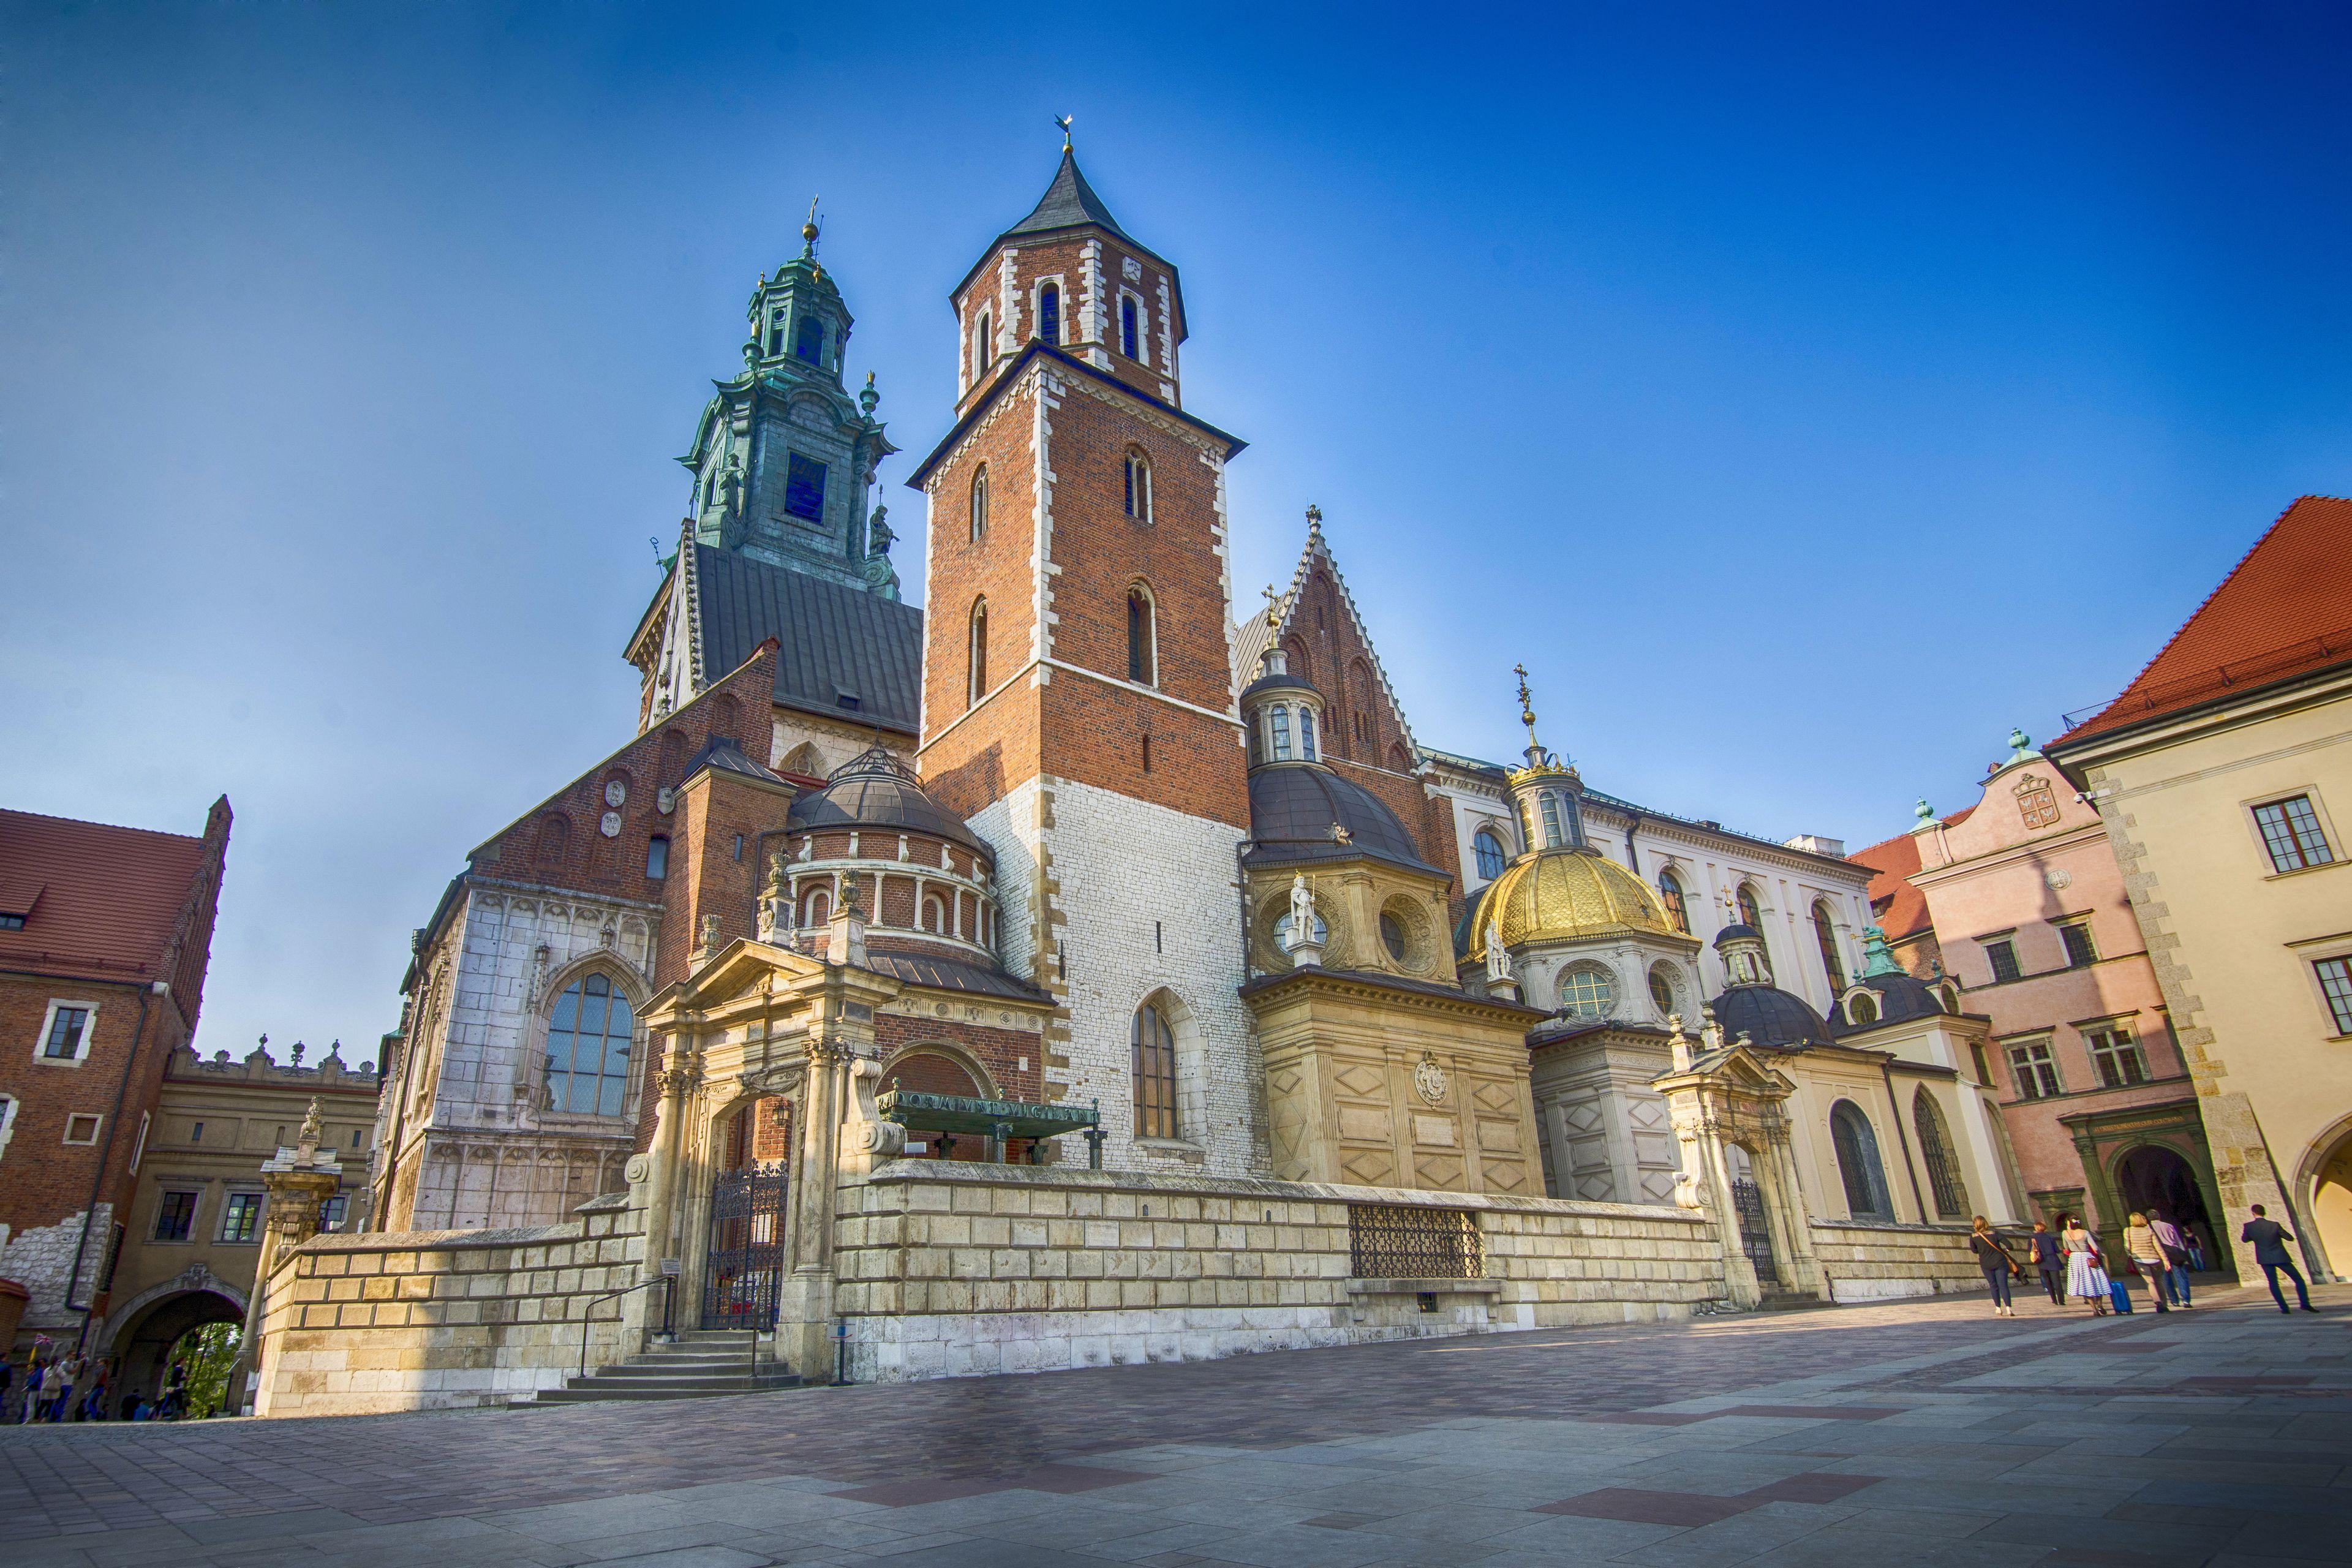 Wawelin kuninkaallisen katedraalin sisäänpääsylippu ja ääniopastus